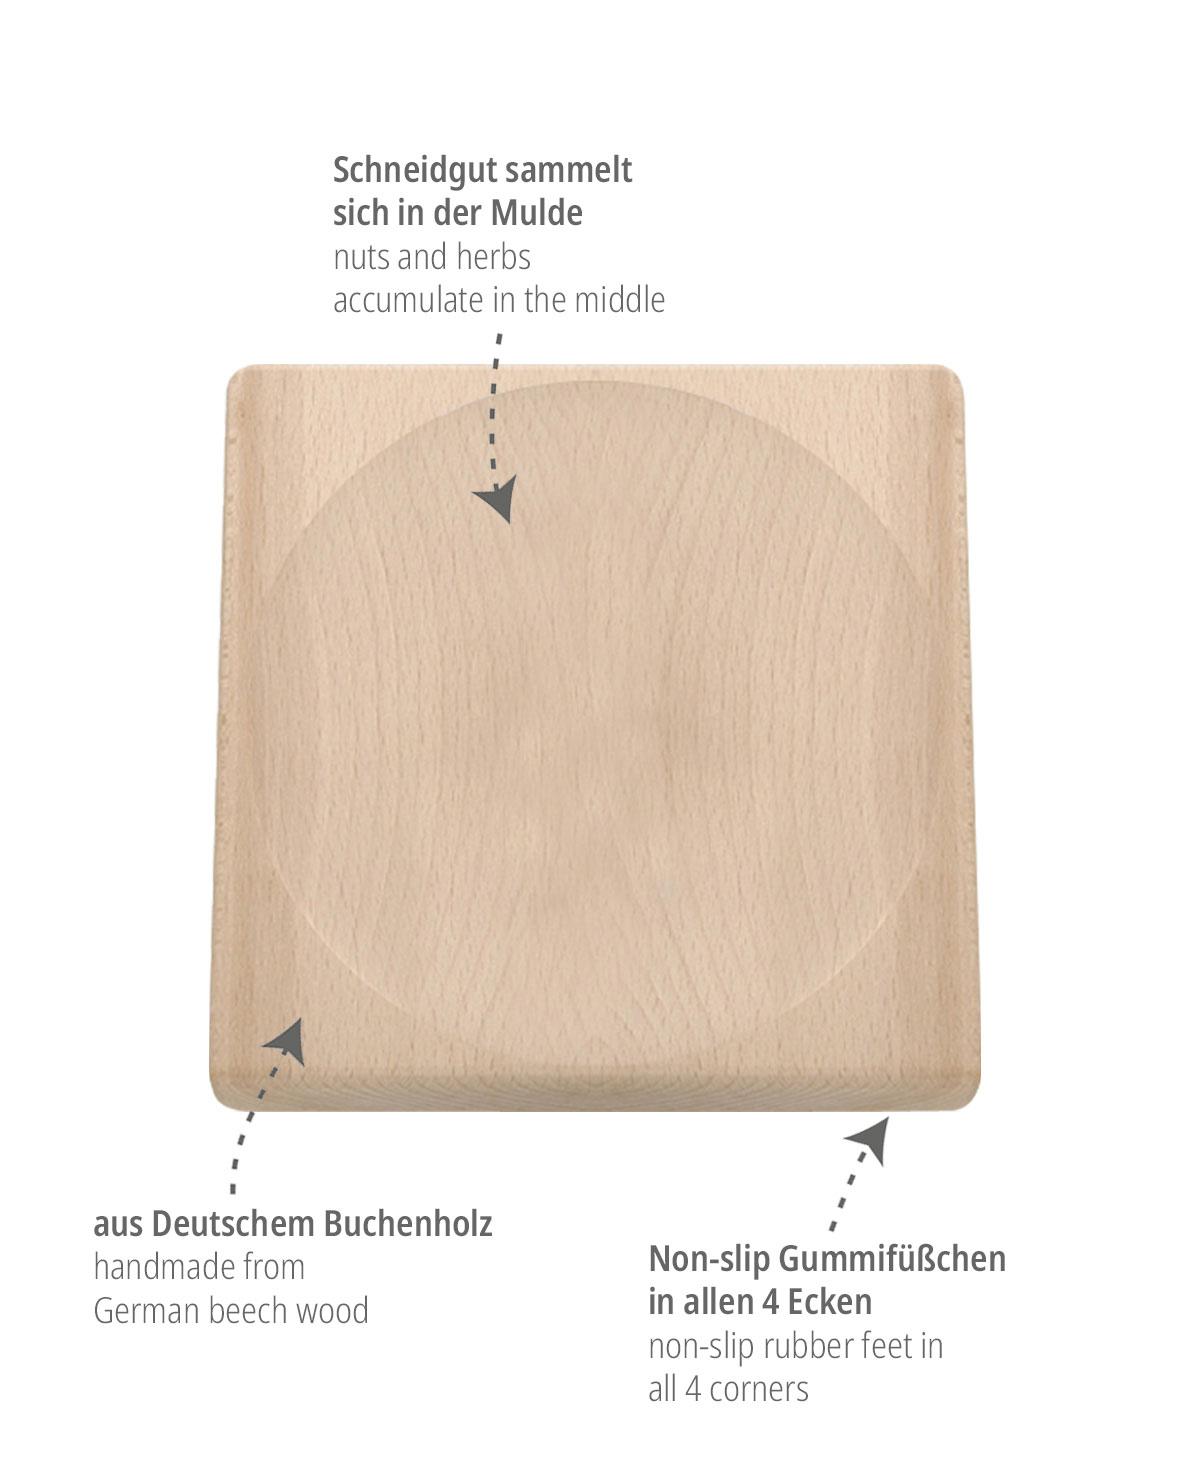 triangle Schneidbrett für Wiegemesser Brett Holzbrett Schneidebrett Mulde Delle Vertiefung